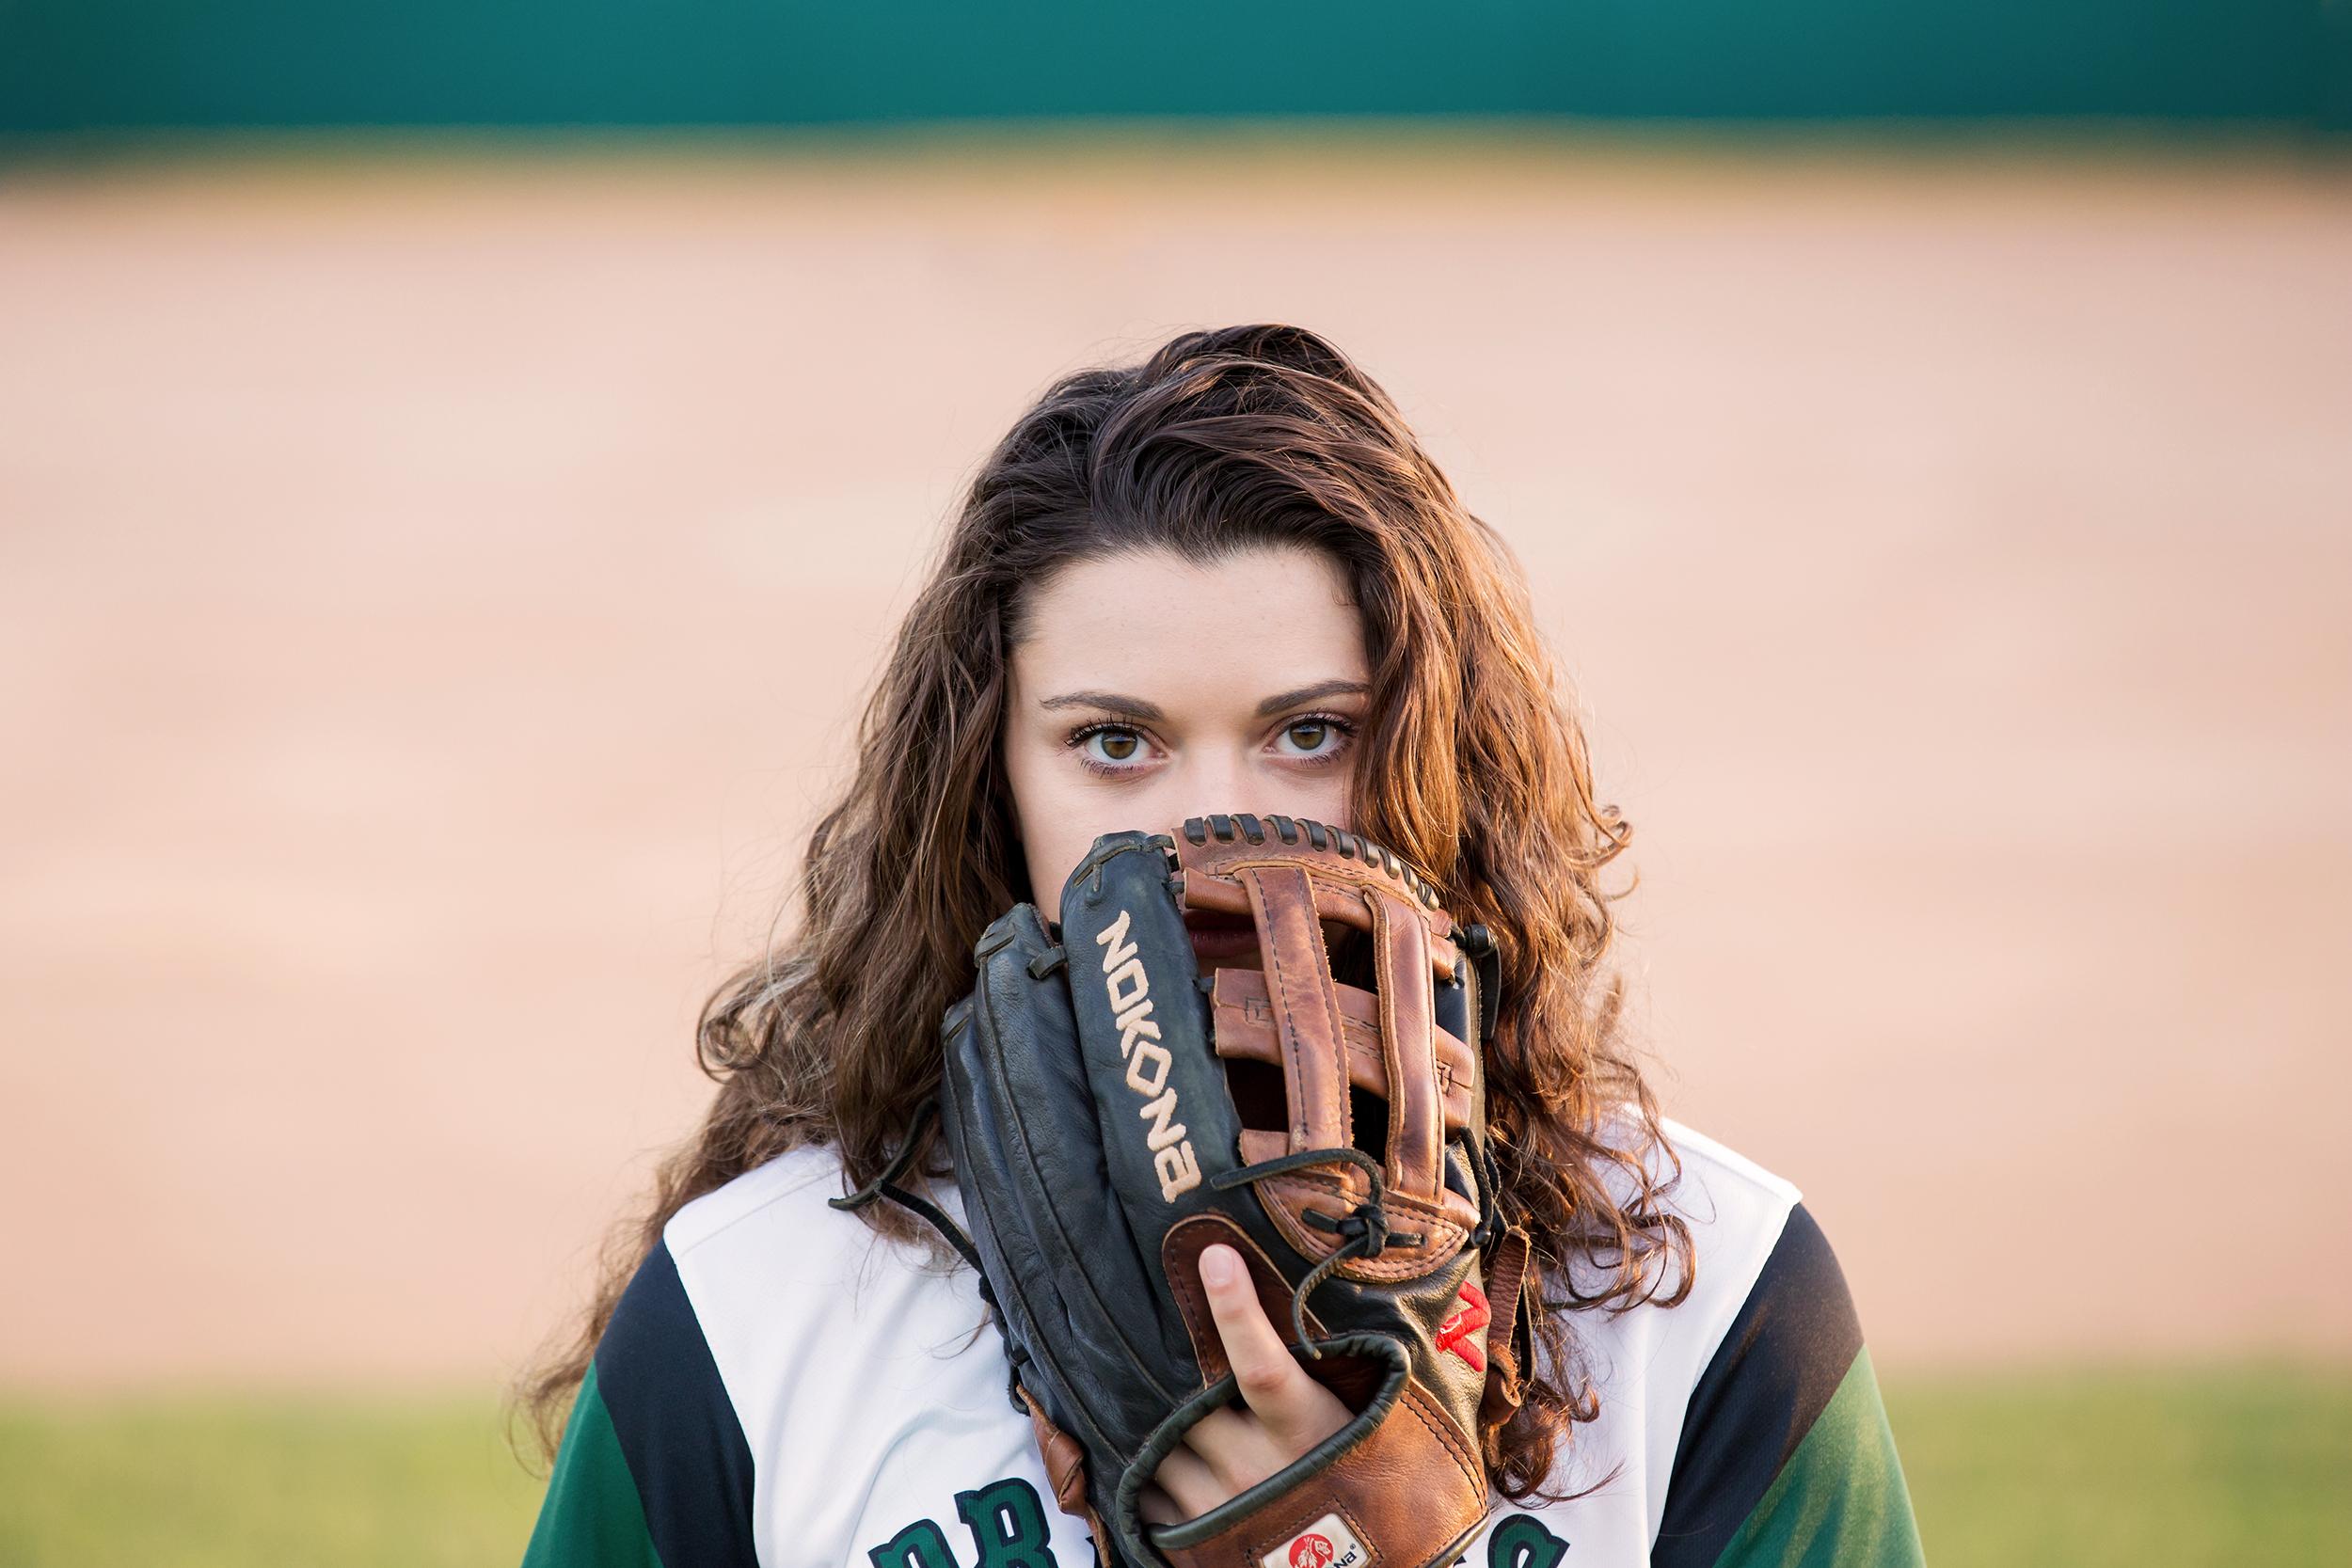 Senior-girl-softball-glove-eyes-field.jpg